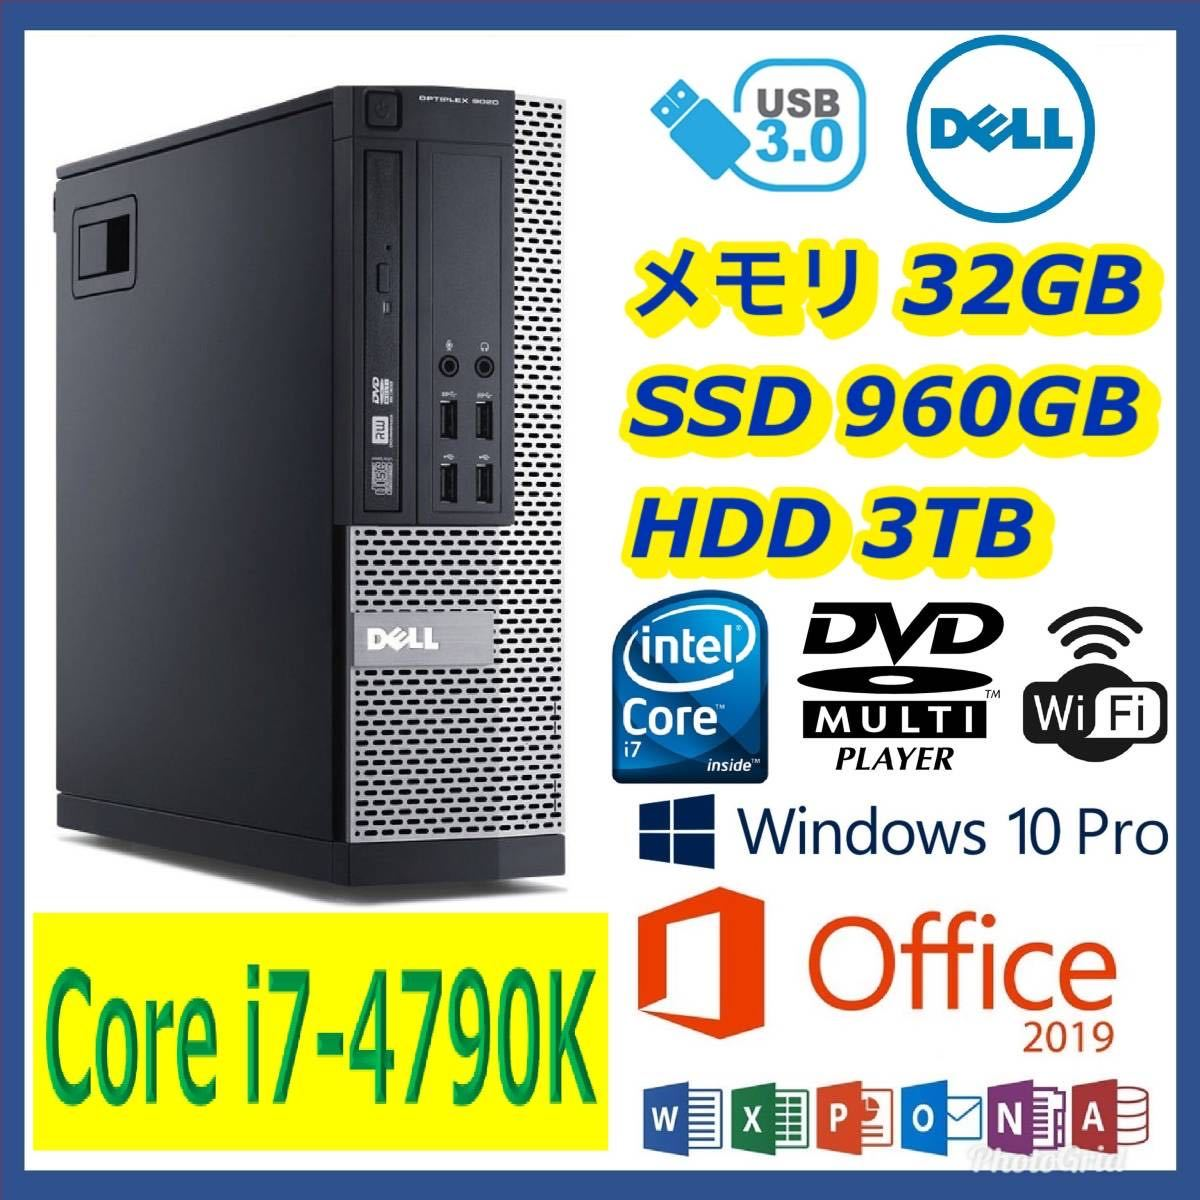 ■究極/小型■超高速i7-4790K(4.4Gx8)/超大容量32Gメモリ/新SSD960GB+大容量HDD3TB/Wi-Fi